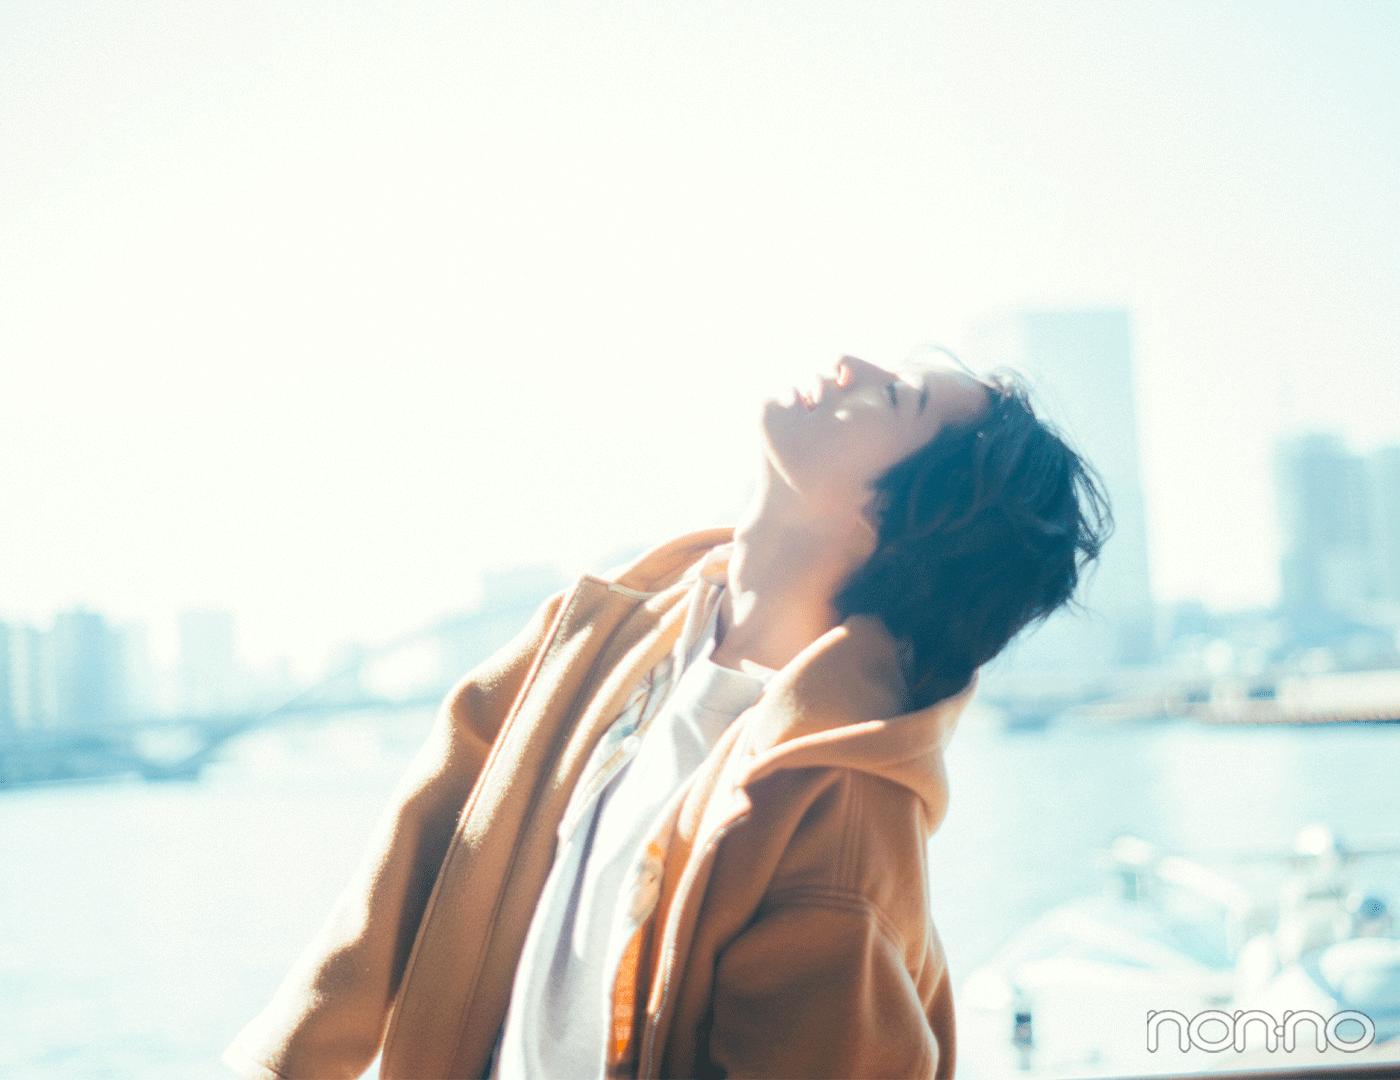 今月の彼氏 塩野瑛久(しおのあきひさ)|non-no(ノンノ)2020年3月号